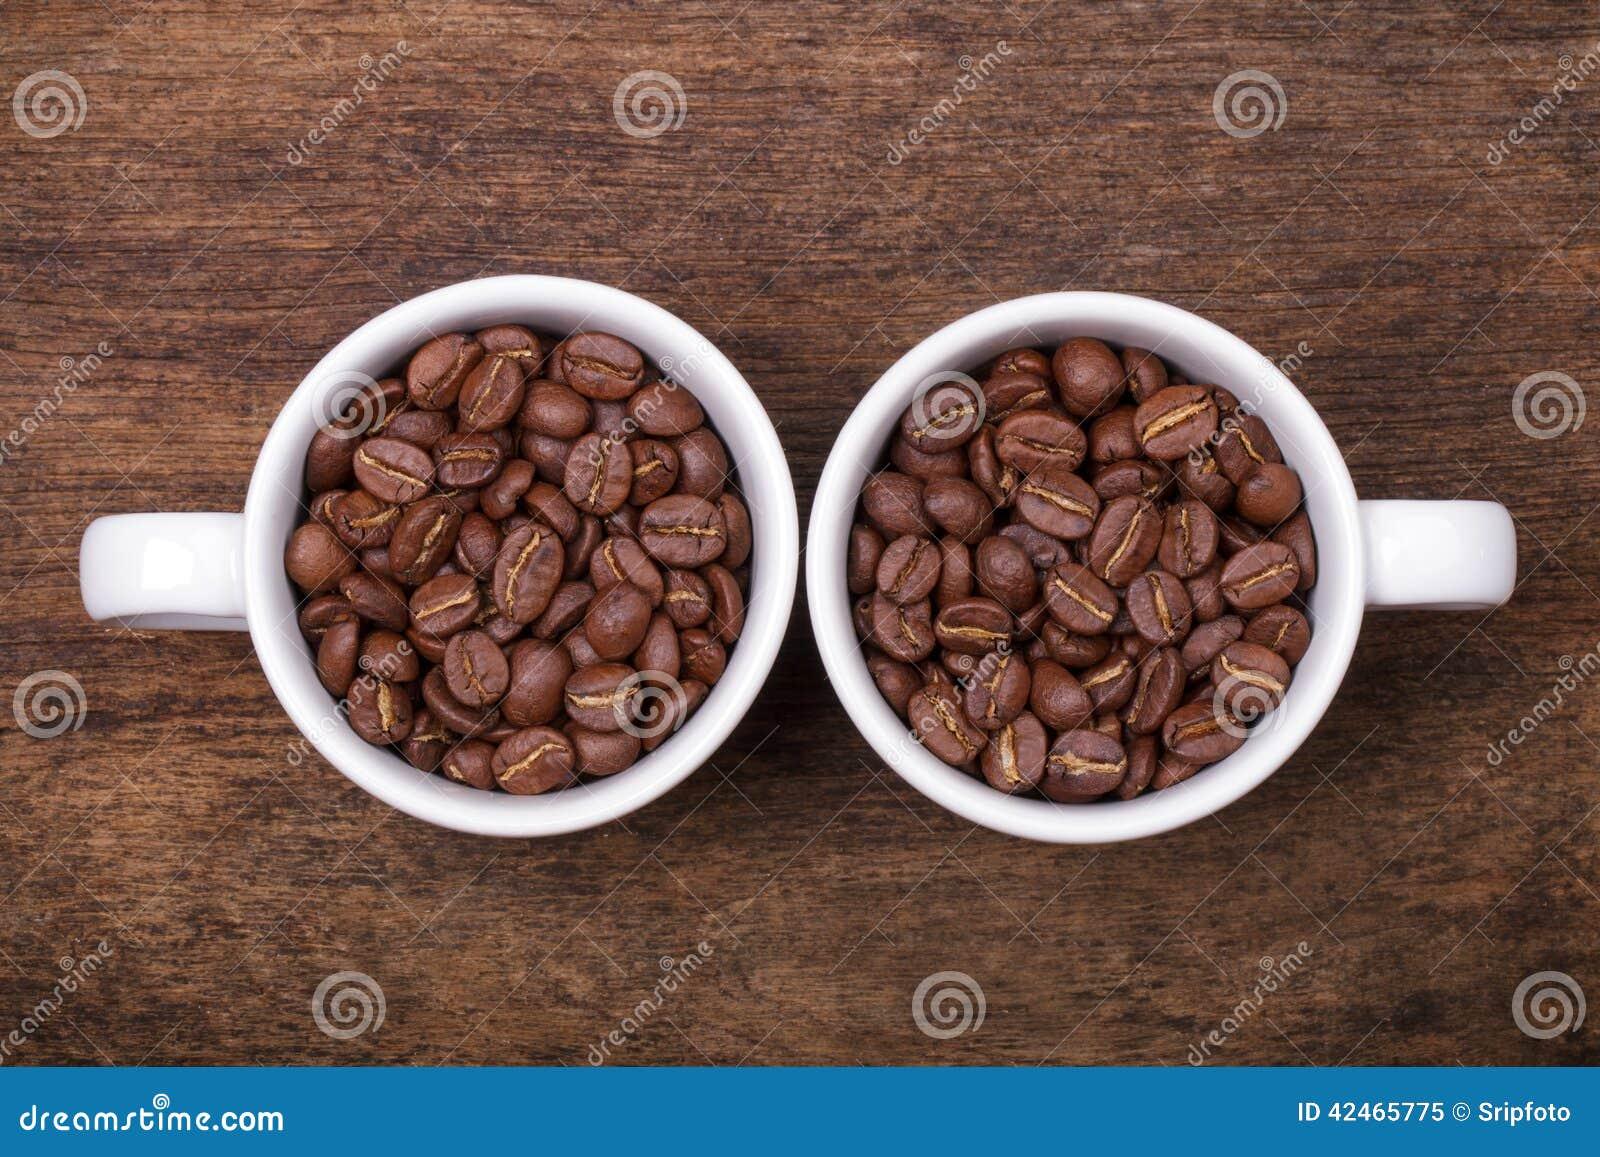 Tasse Kaffee-Bohnen auf dem braunen hölzernen Hintergrund